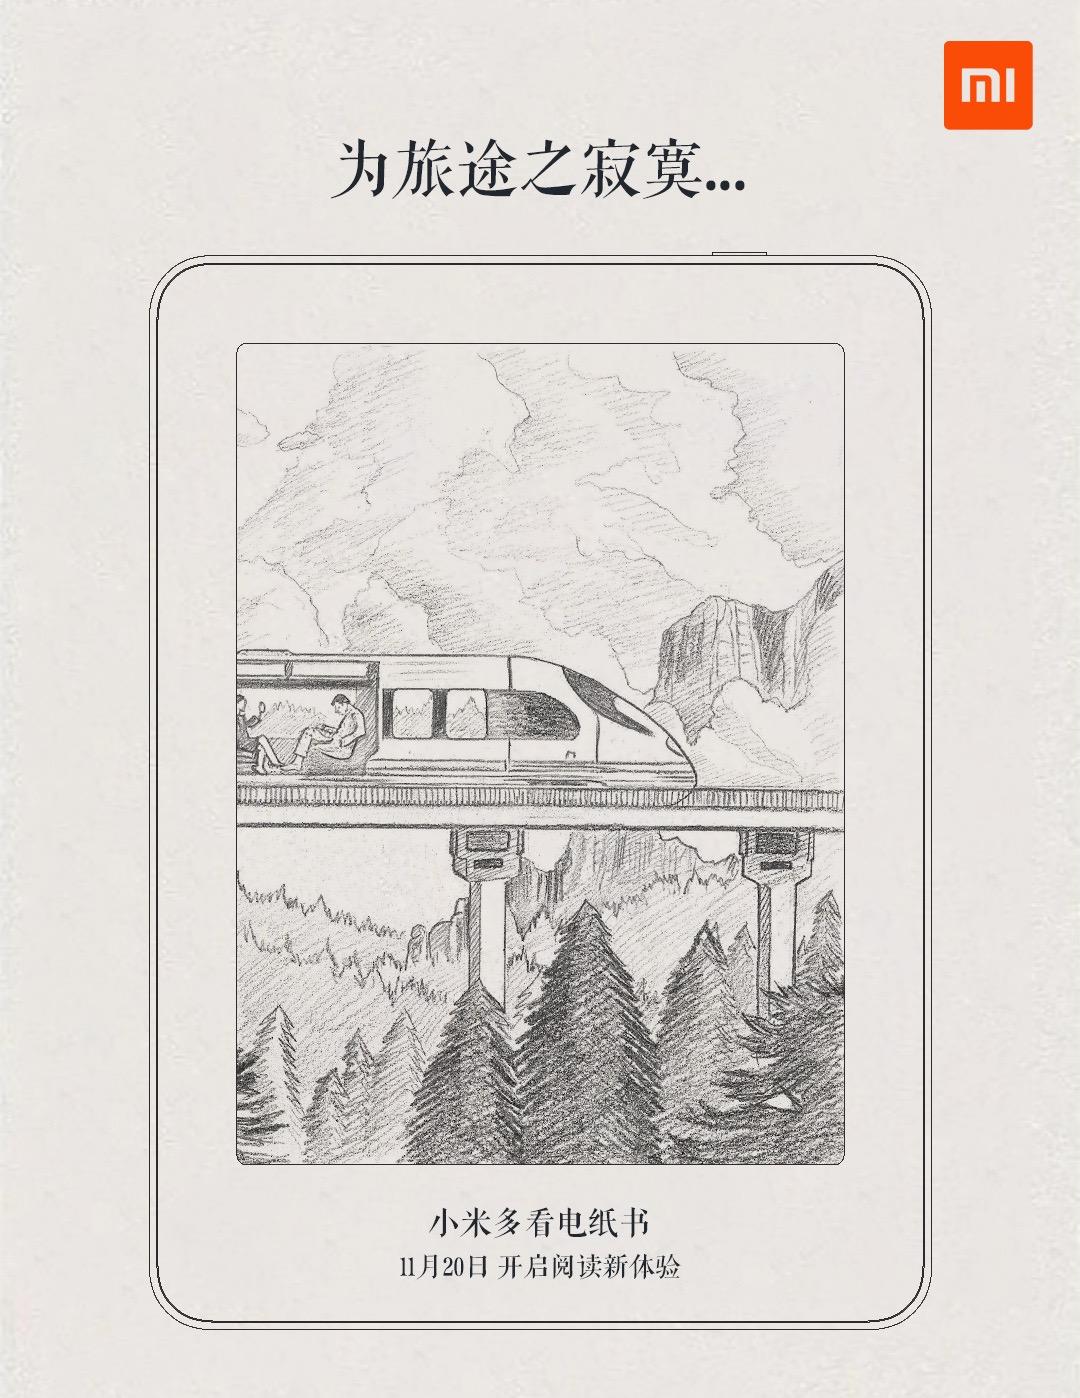 Xiaomi lanzará su primer lector de libros electrónicos este 20 de noviembre. Noticias Xiaomi Adictos